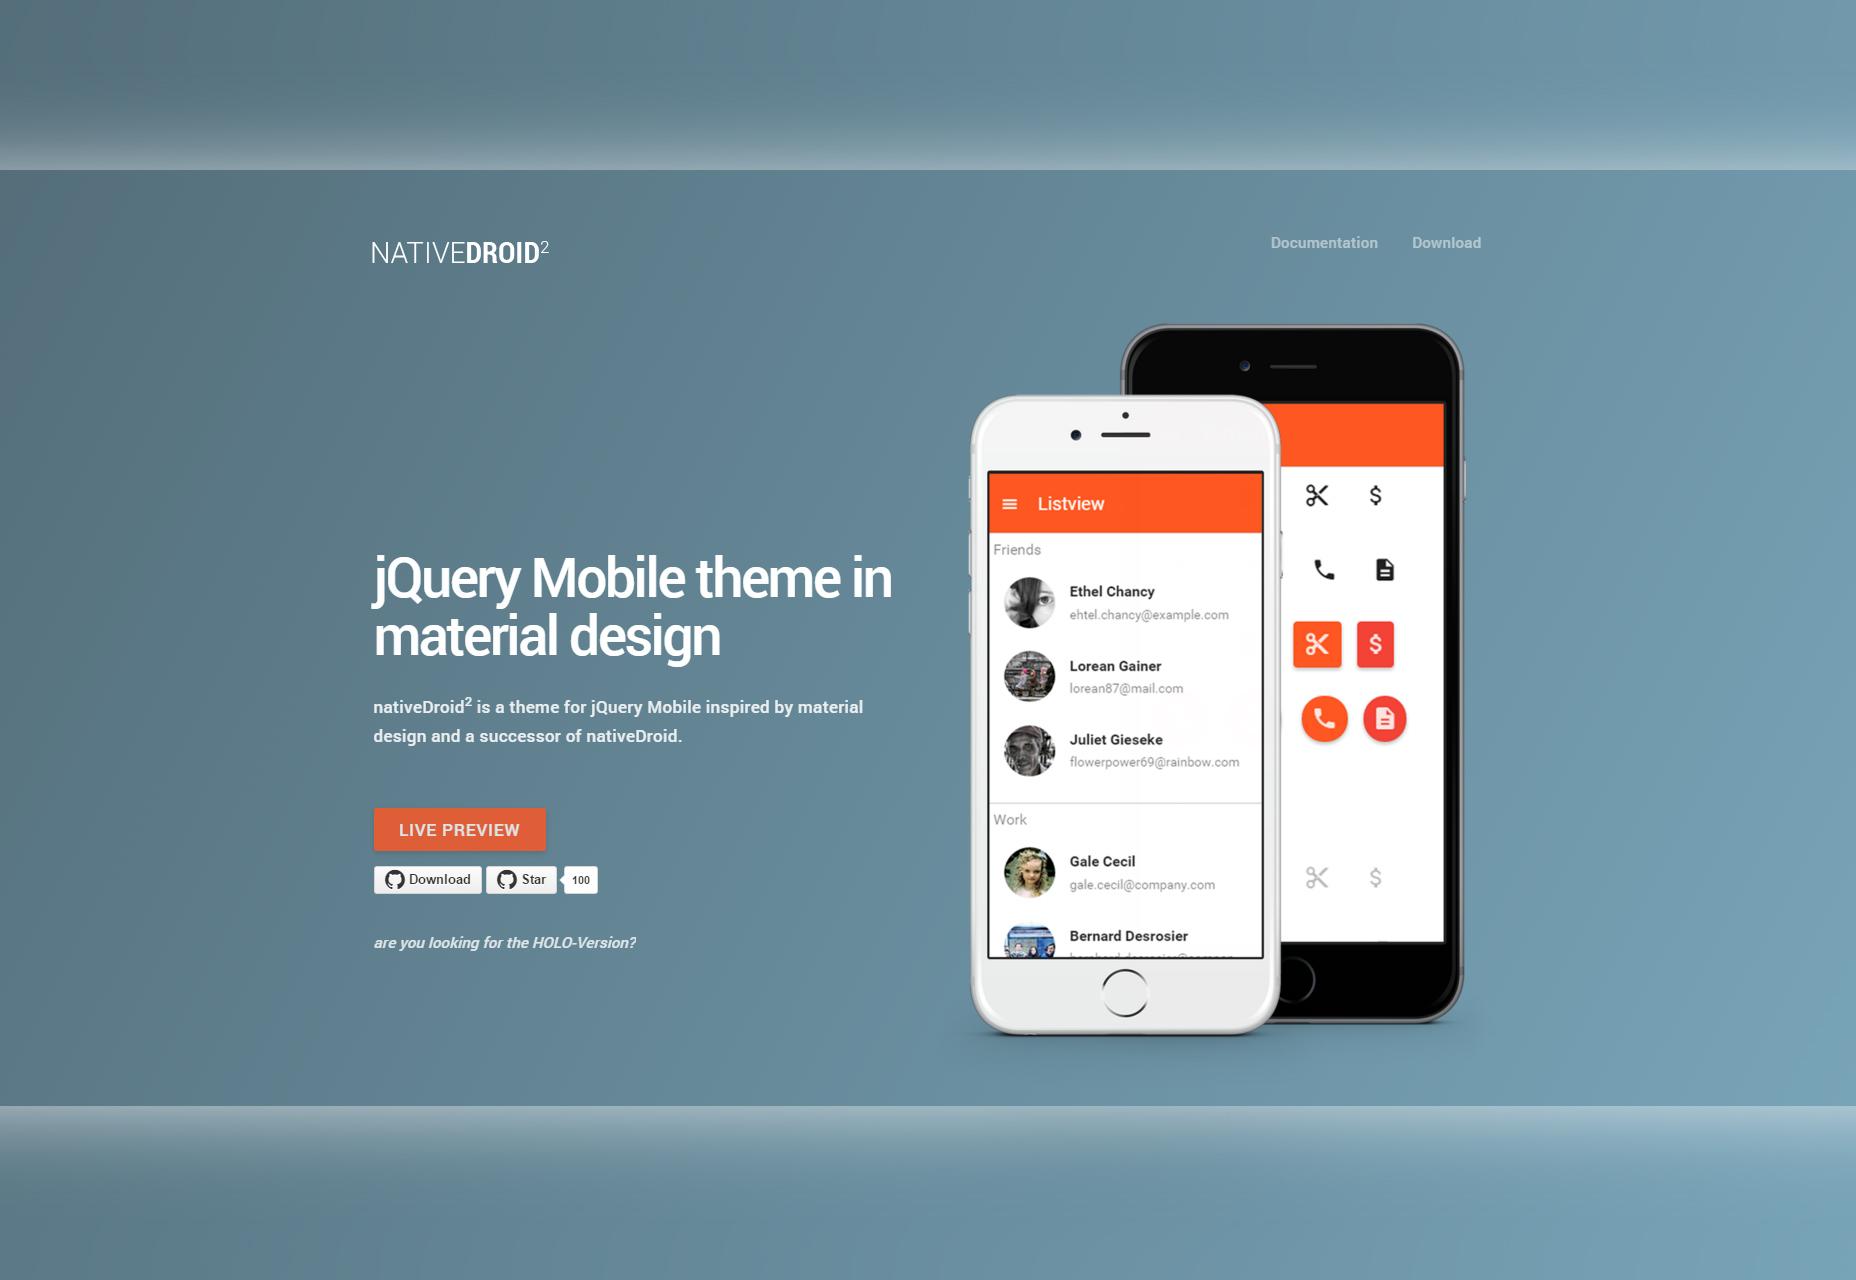 NativeDroid2: Materiaalontwerpthema voor JQuery Mobile